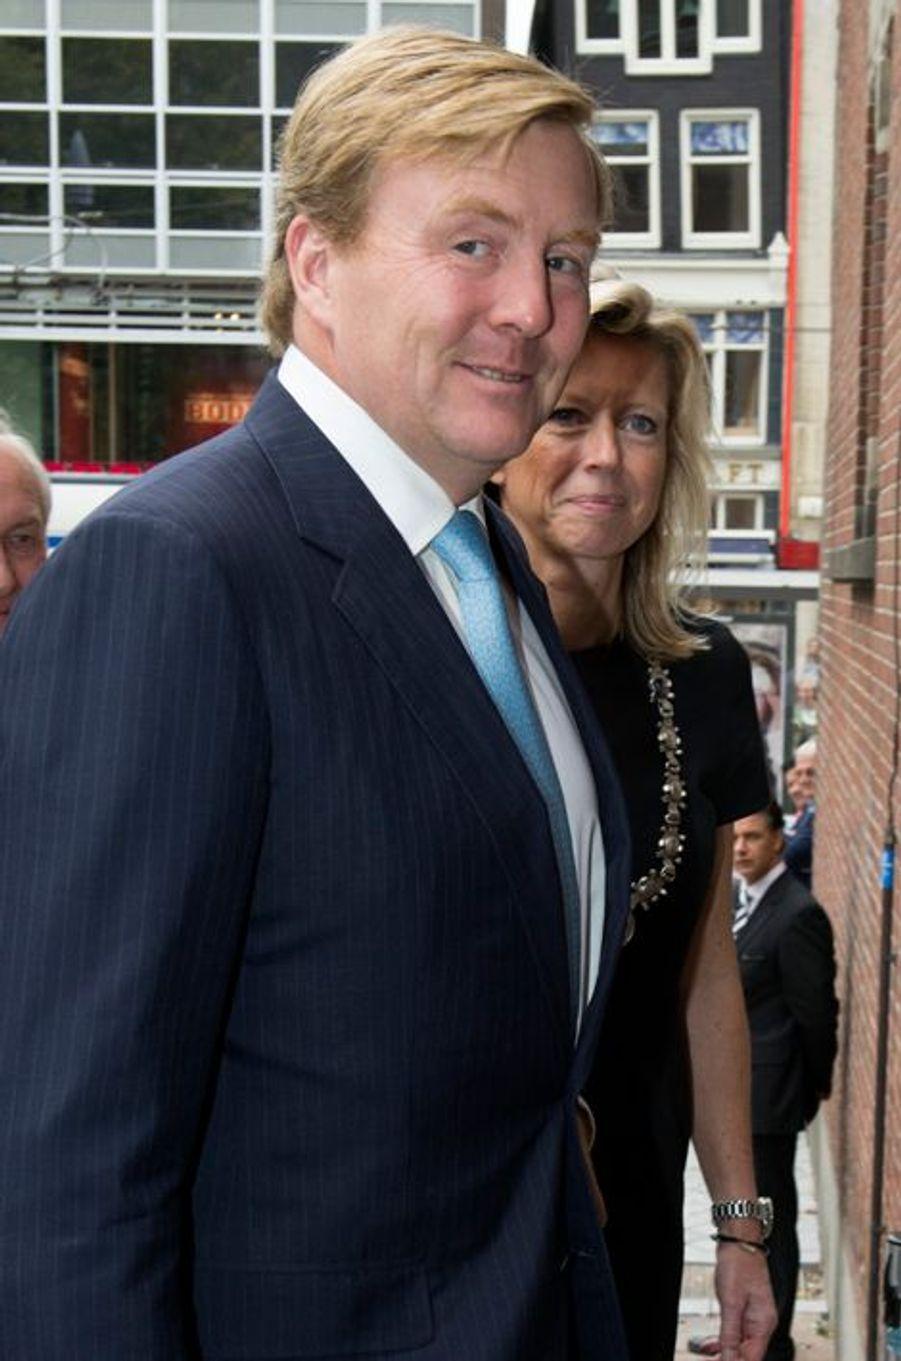 Le roi Willem-Alexander des Pays Bas à la cérémonie de remise des Prix Heineken 2014 pour la science et l'art à Amsterdam